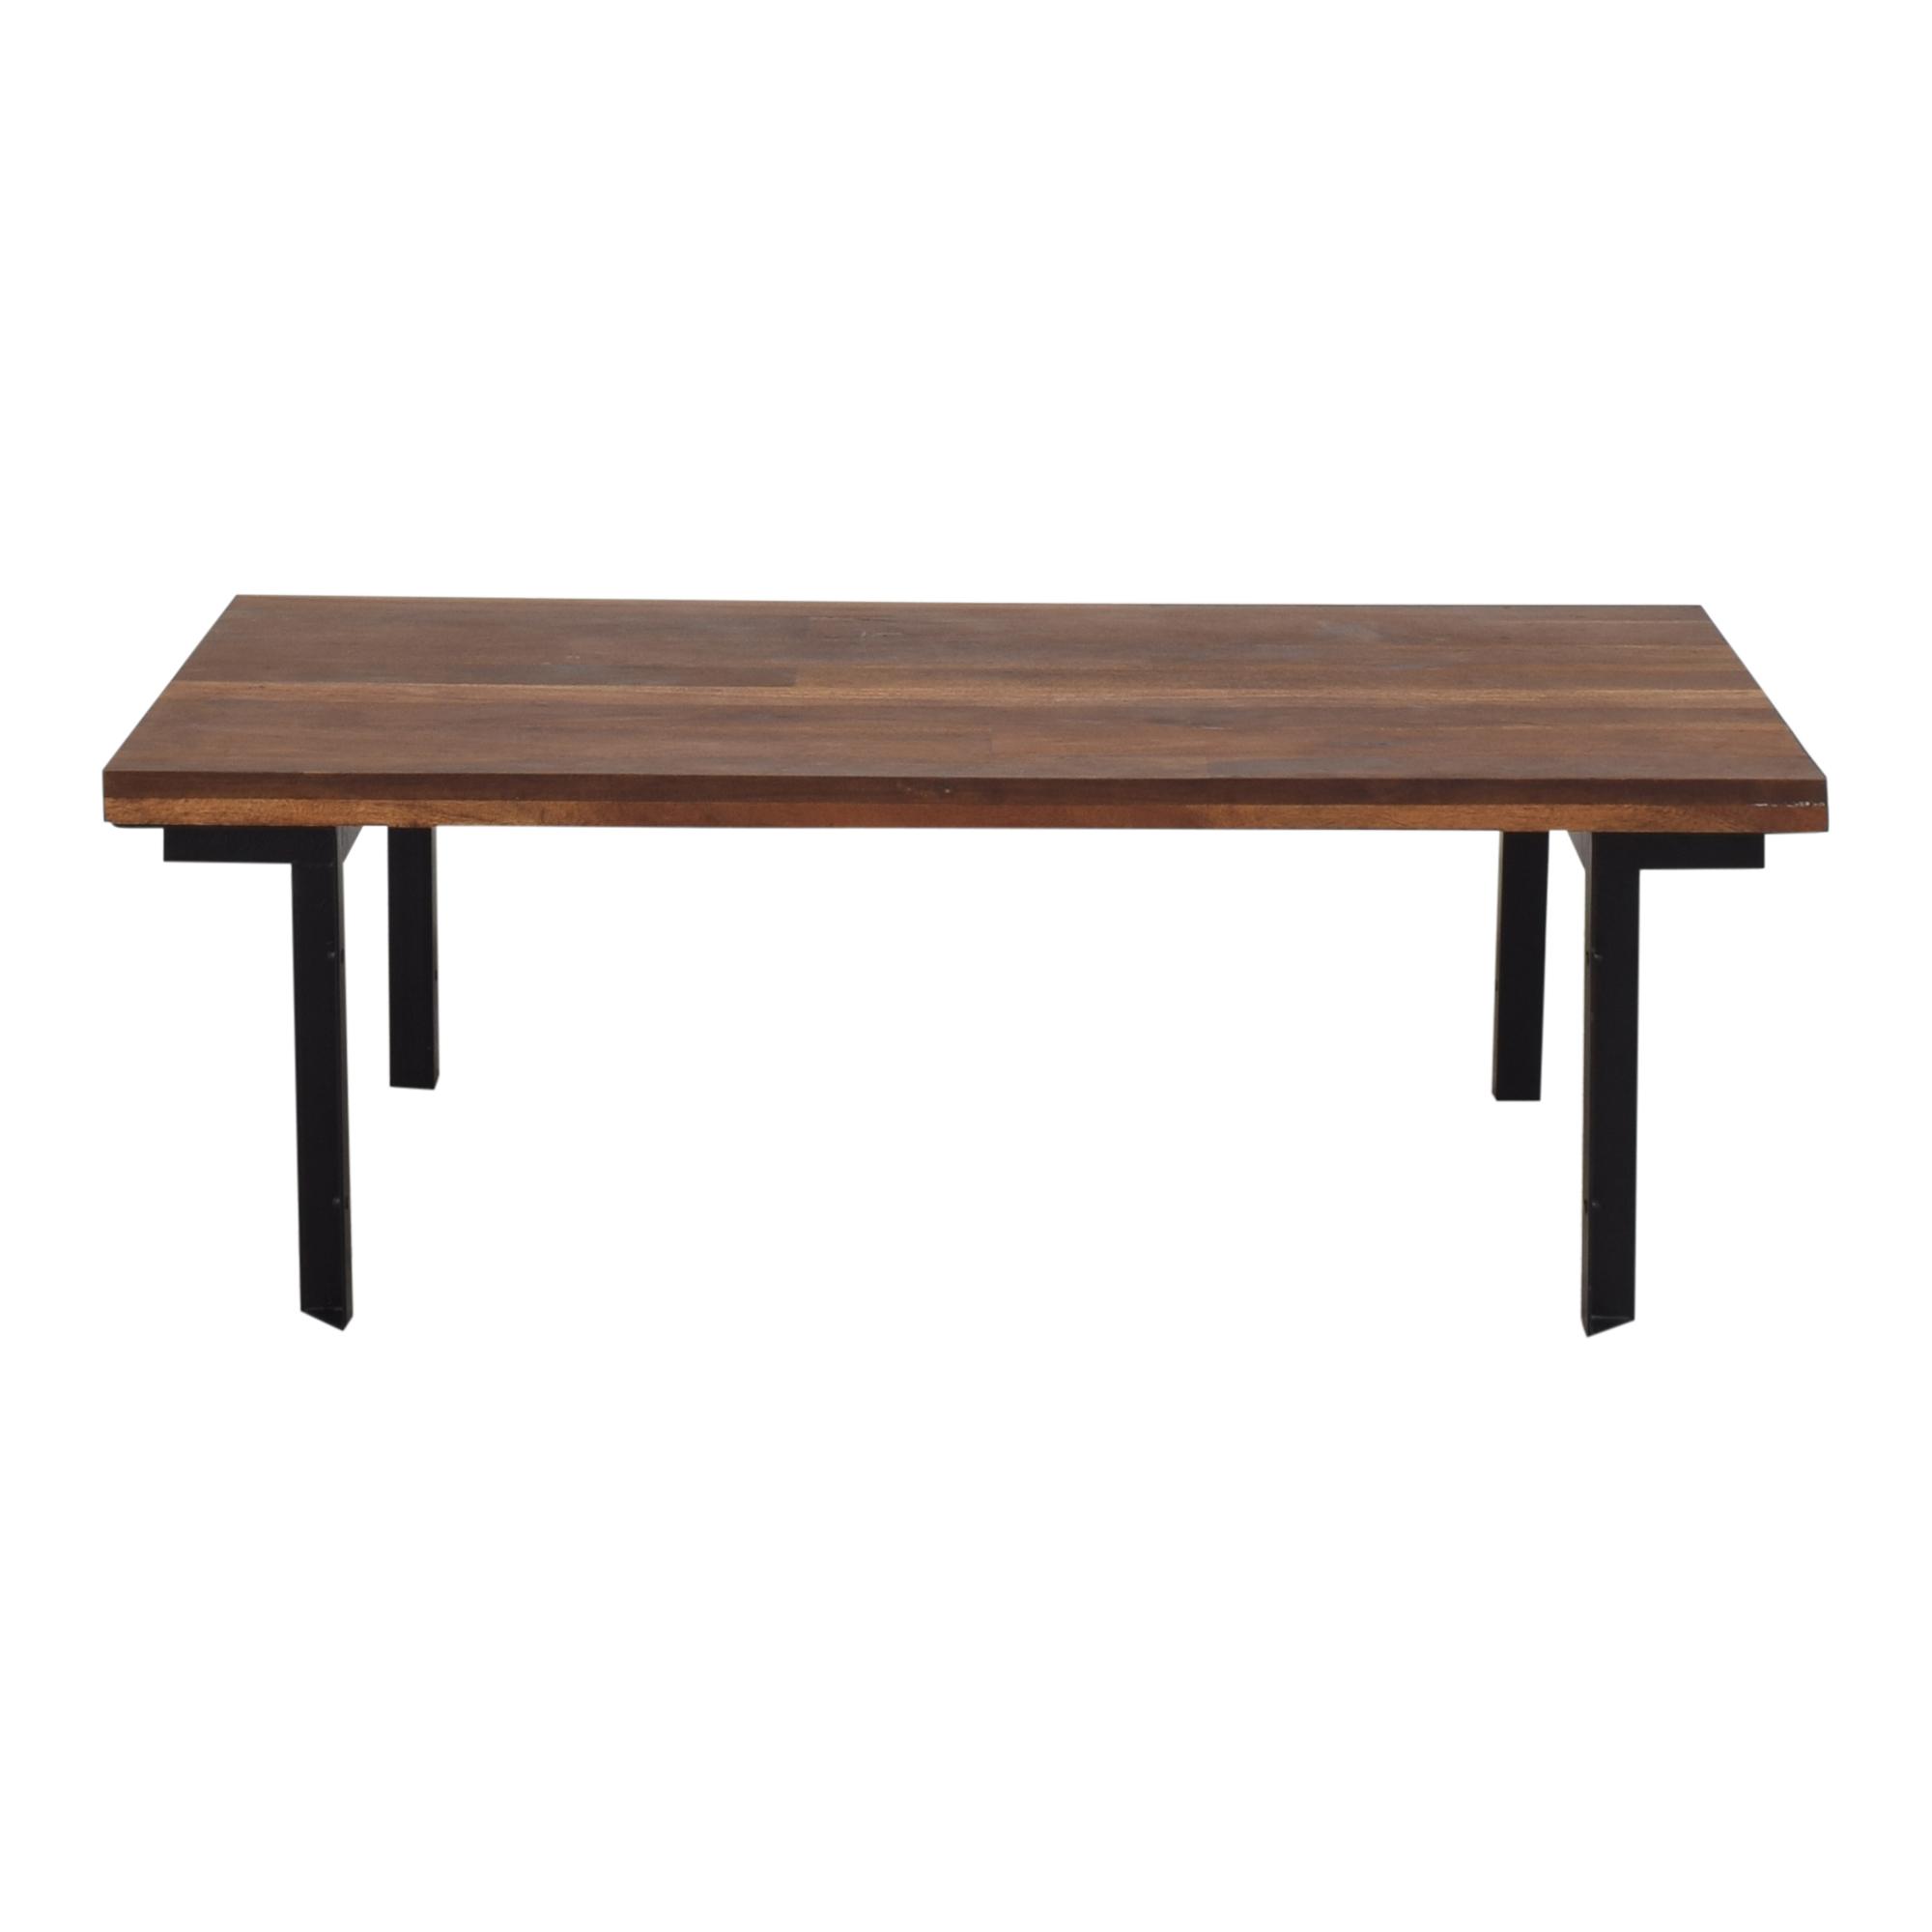 West Elm West Elm Industrial Coffee Table used